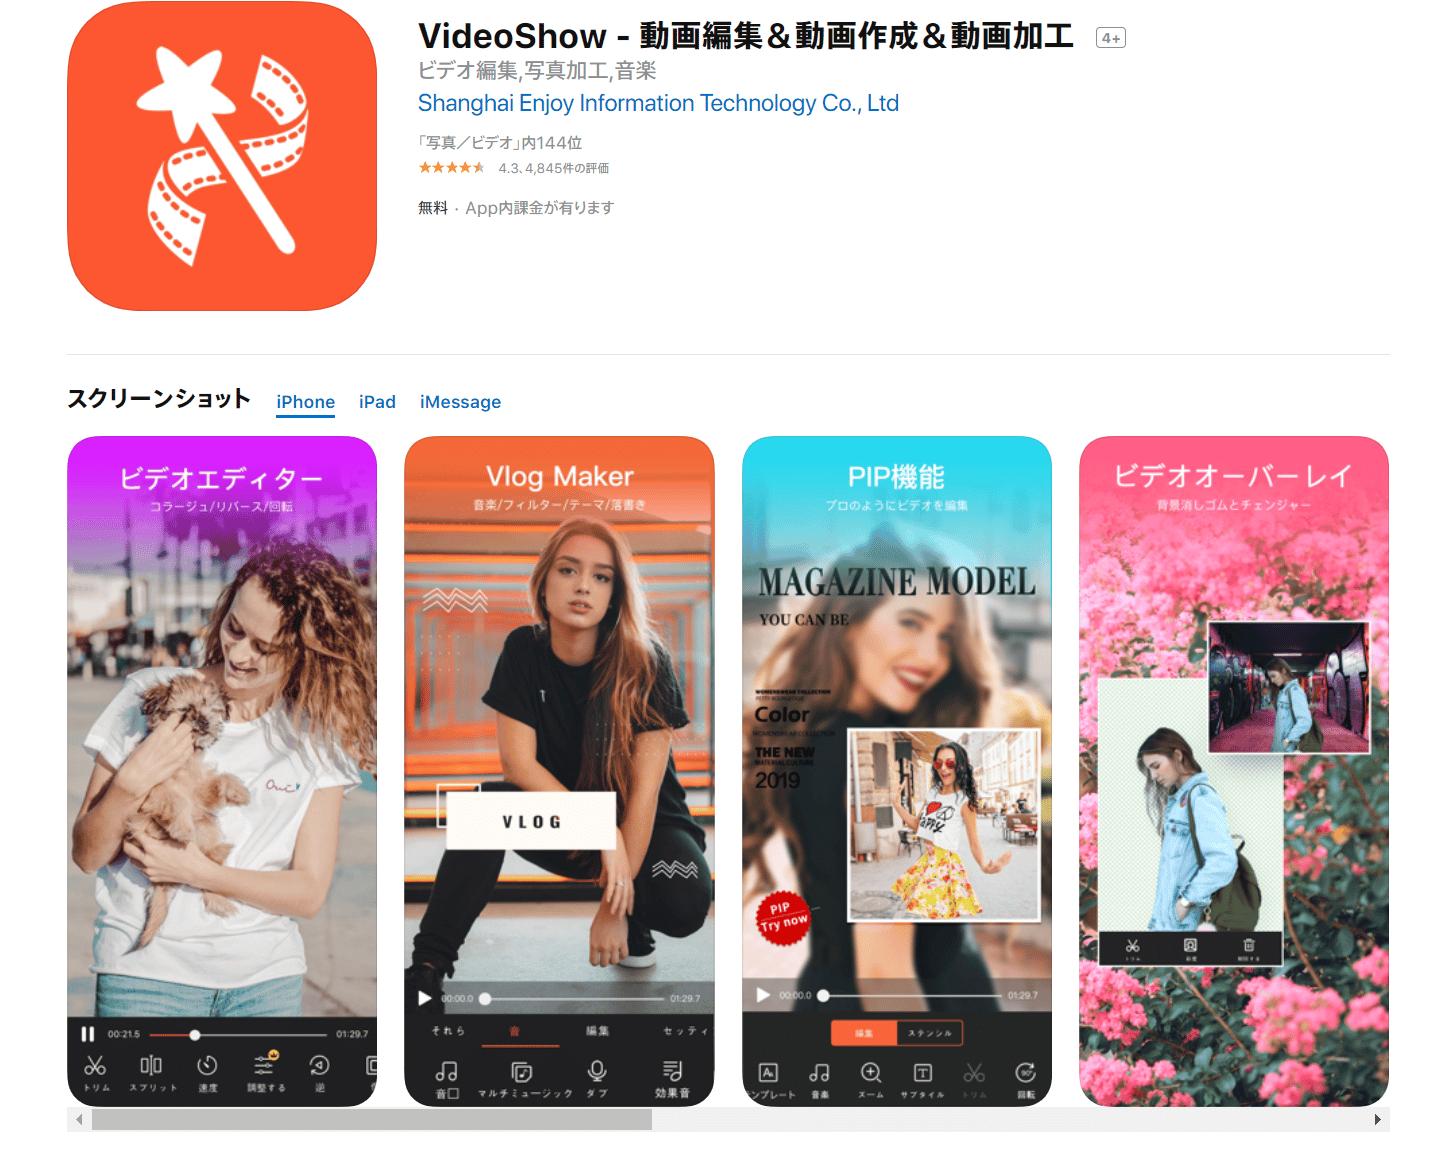 おすすめ動画編集アプリ7位:VideoShow